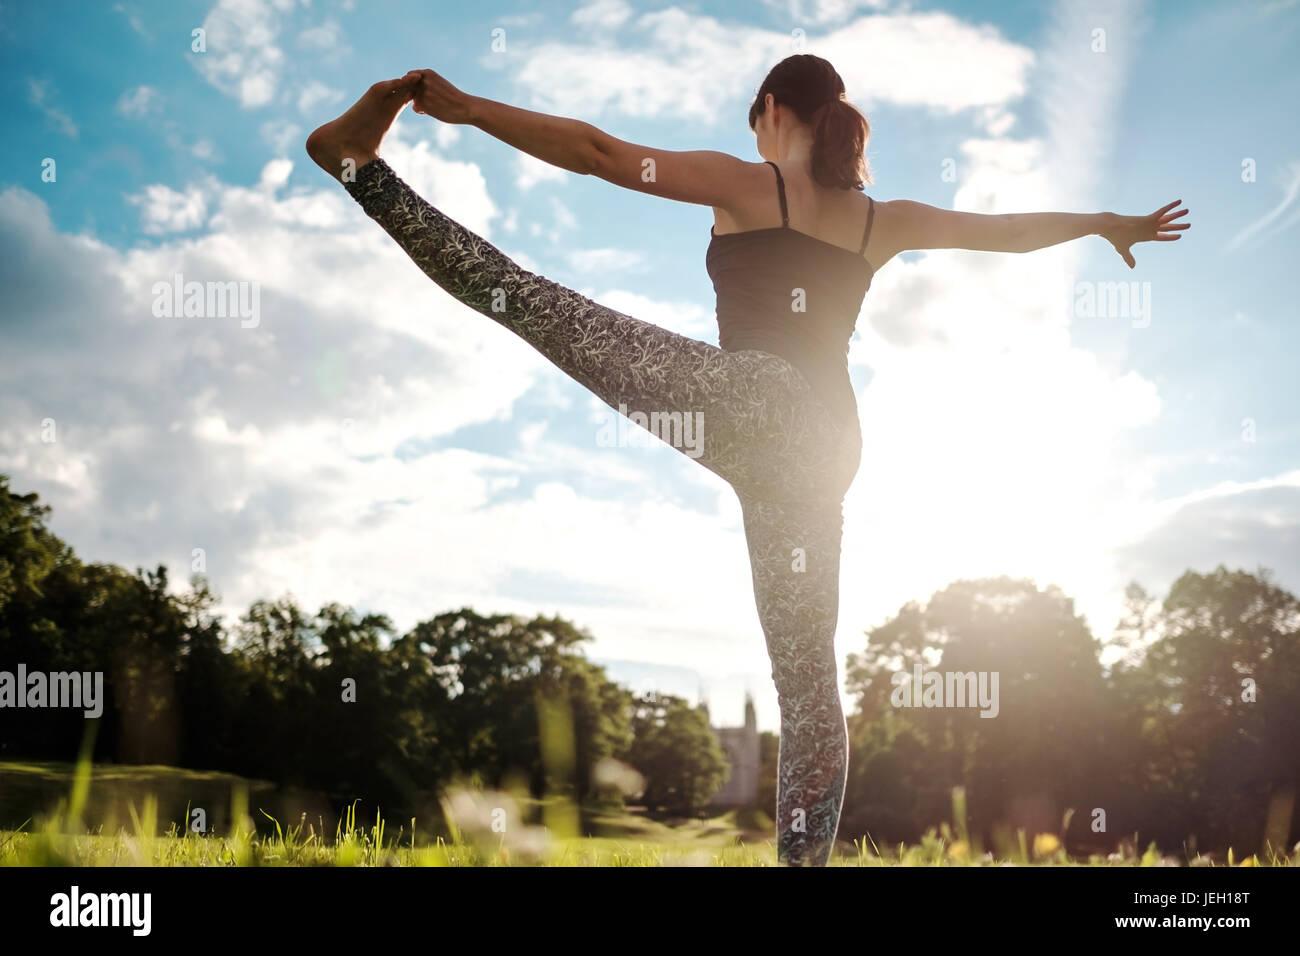 Caucasian woman in yoga standing balance Utthita Hasta Padangusthasana pose. Back view Stock Photo